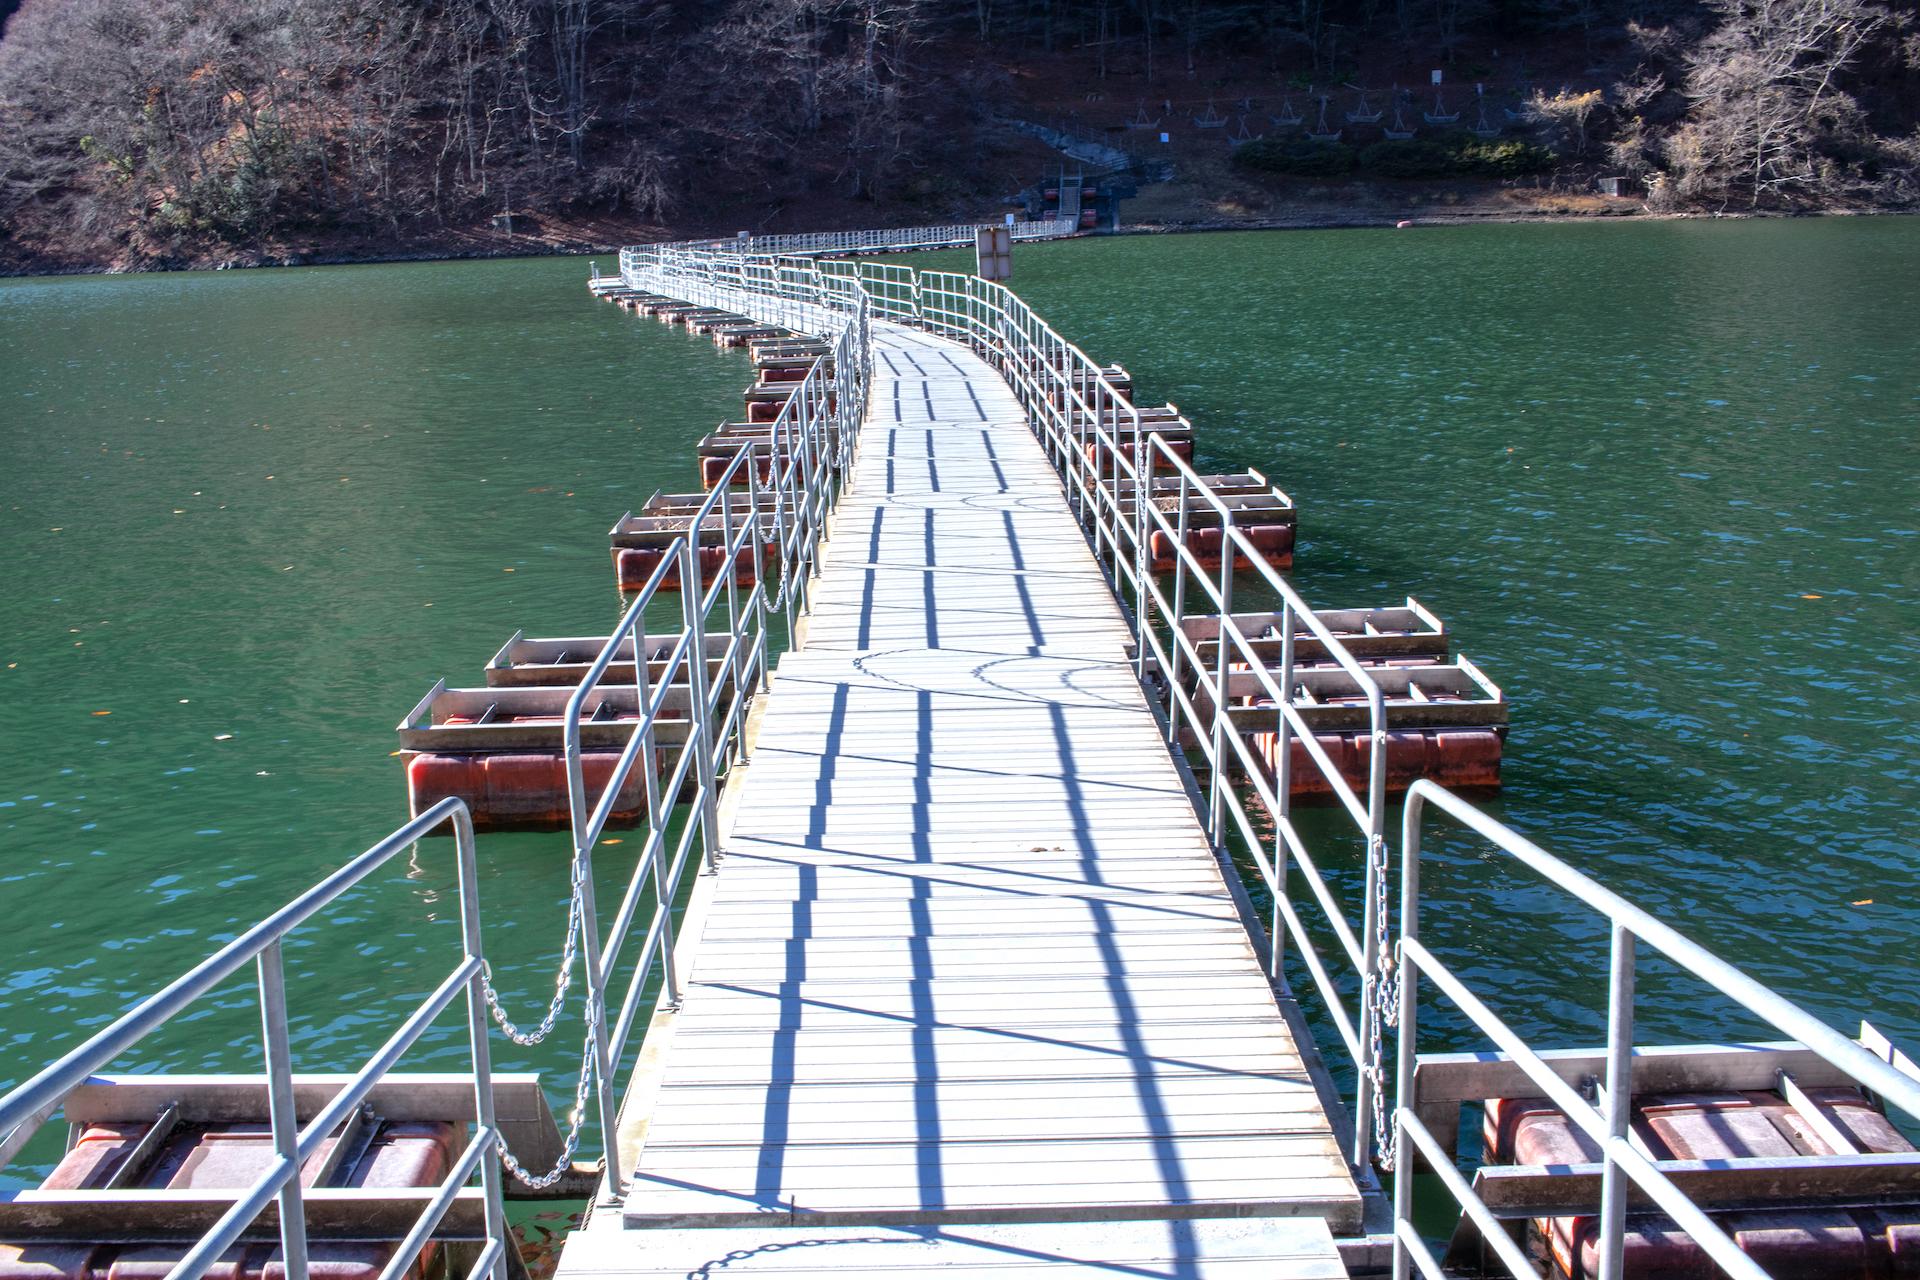 奥多摩湖・麦山の浮橋(ドラム缶橋)